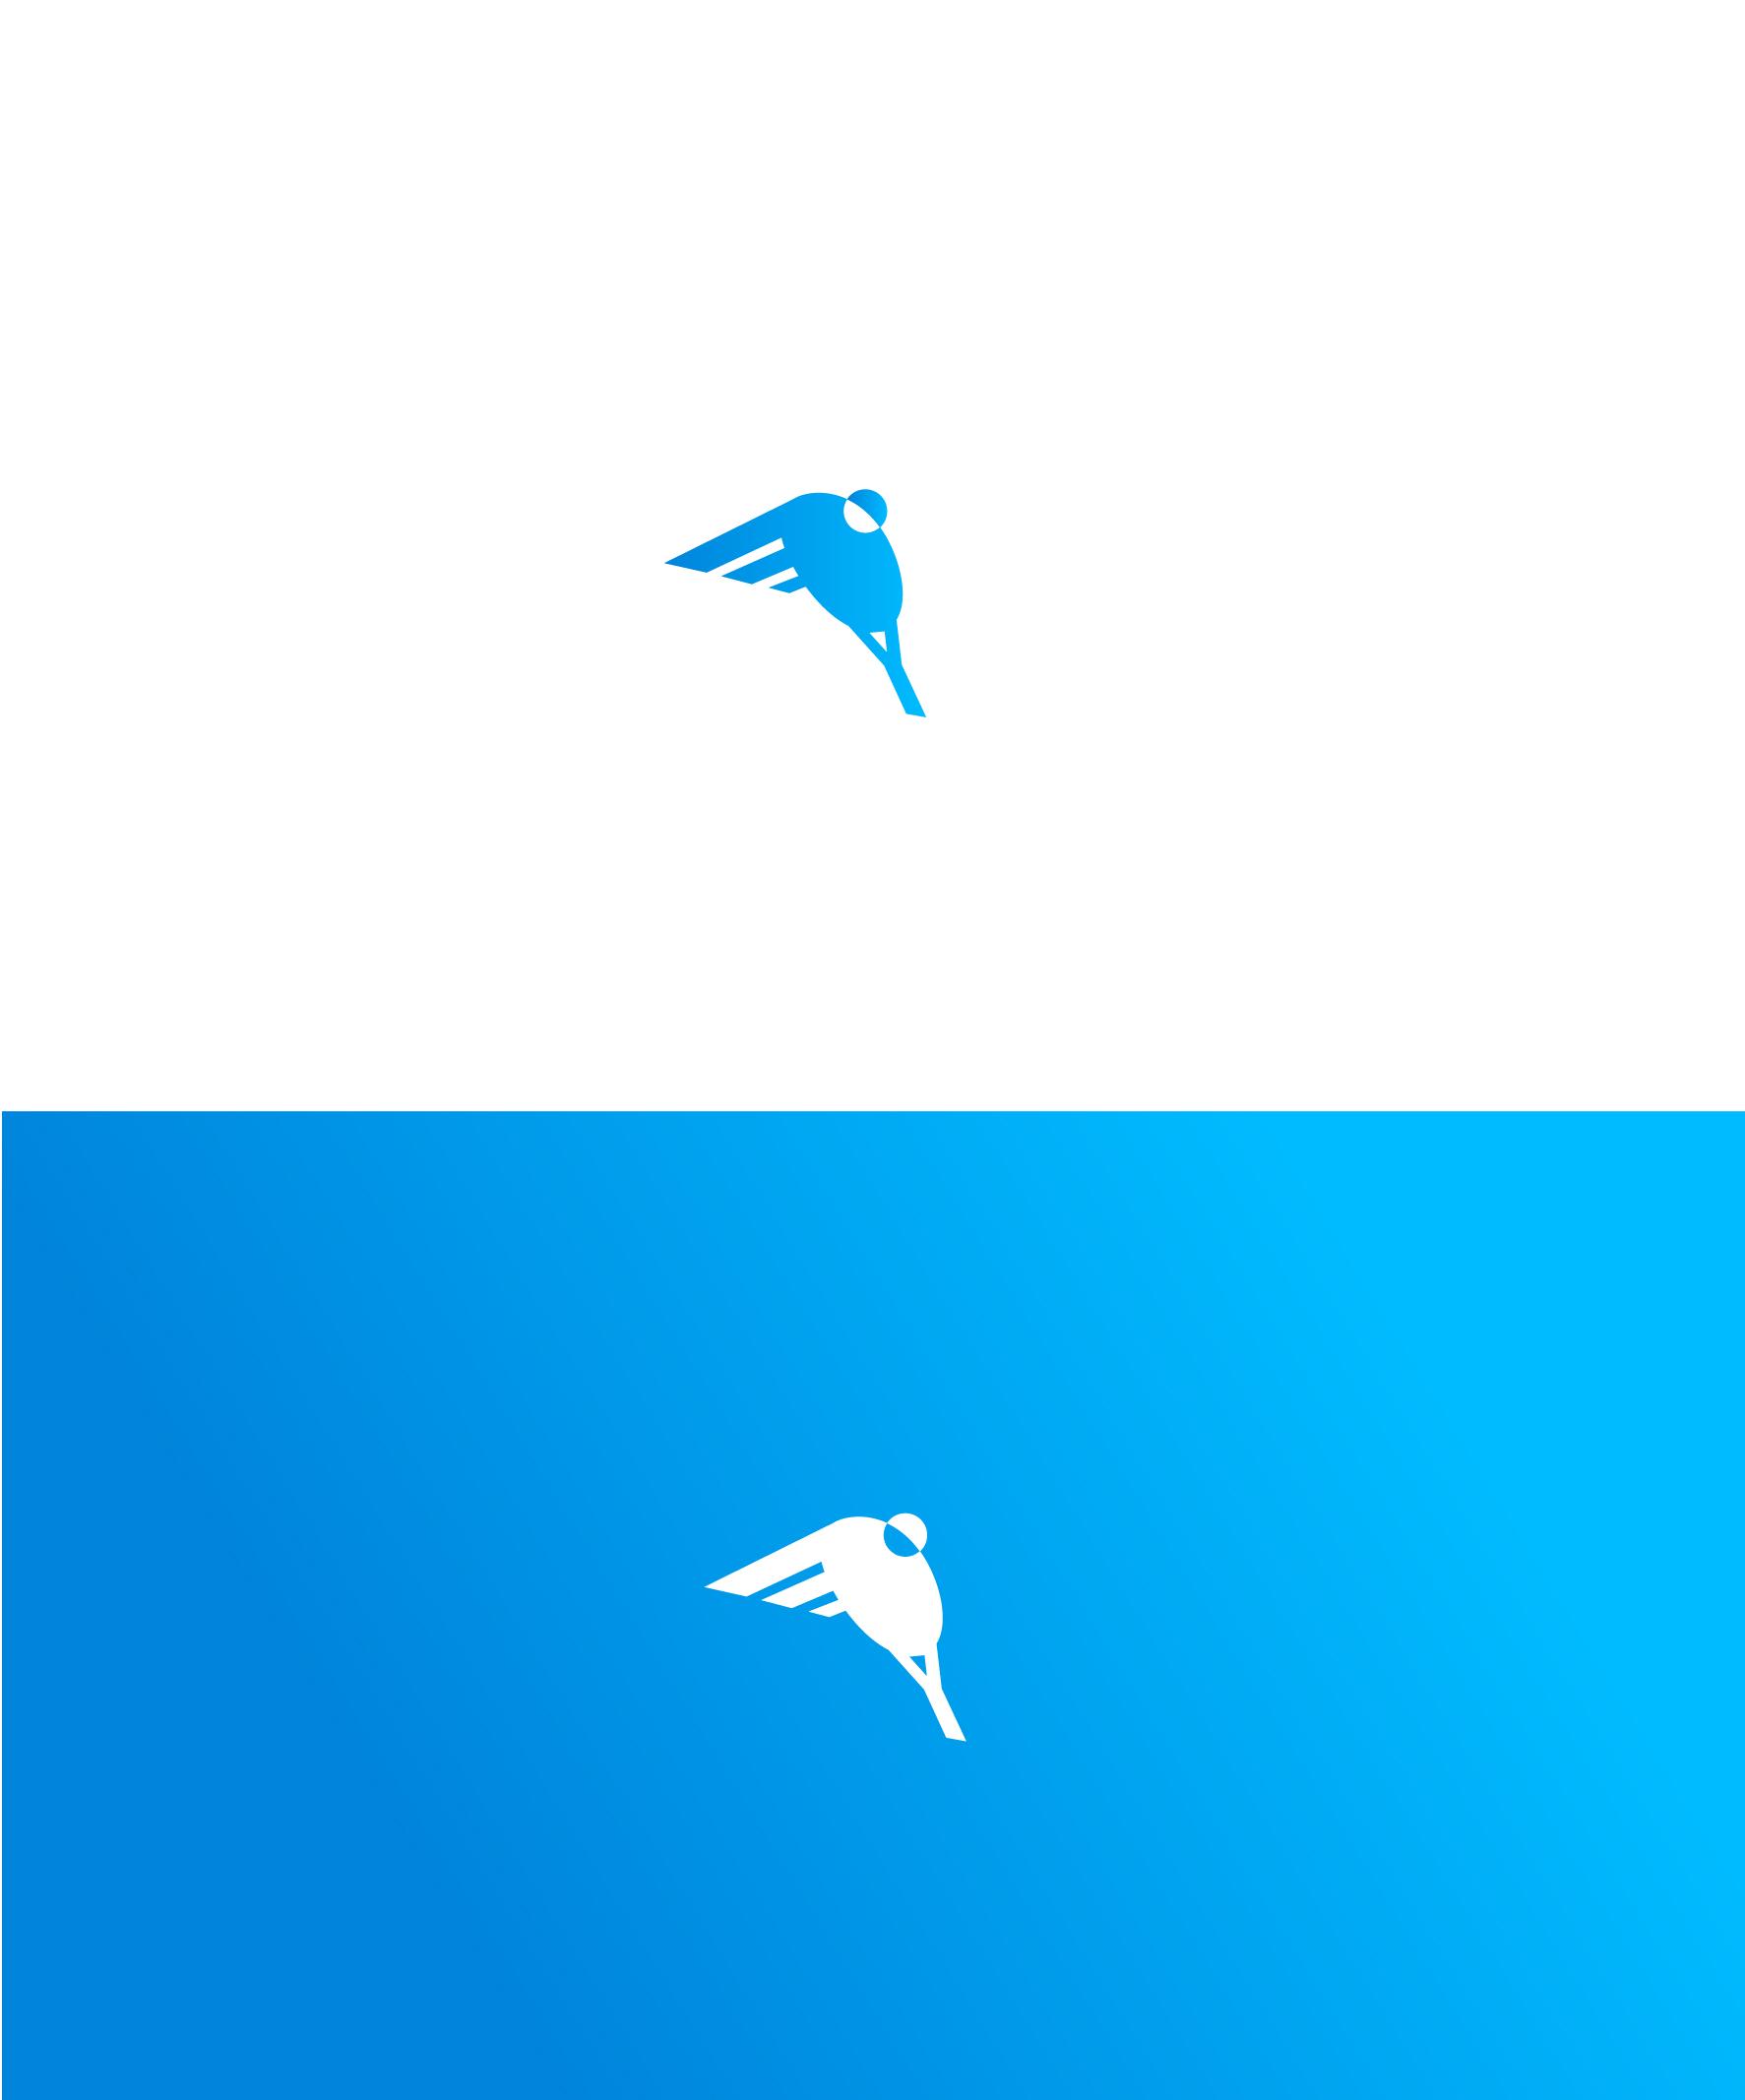 Разработать логотип для Федерации сквоша России фото f_9045f327c9f64a36.jpg